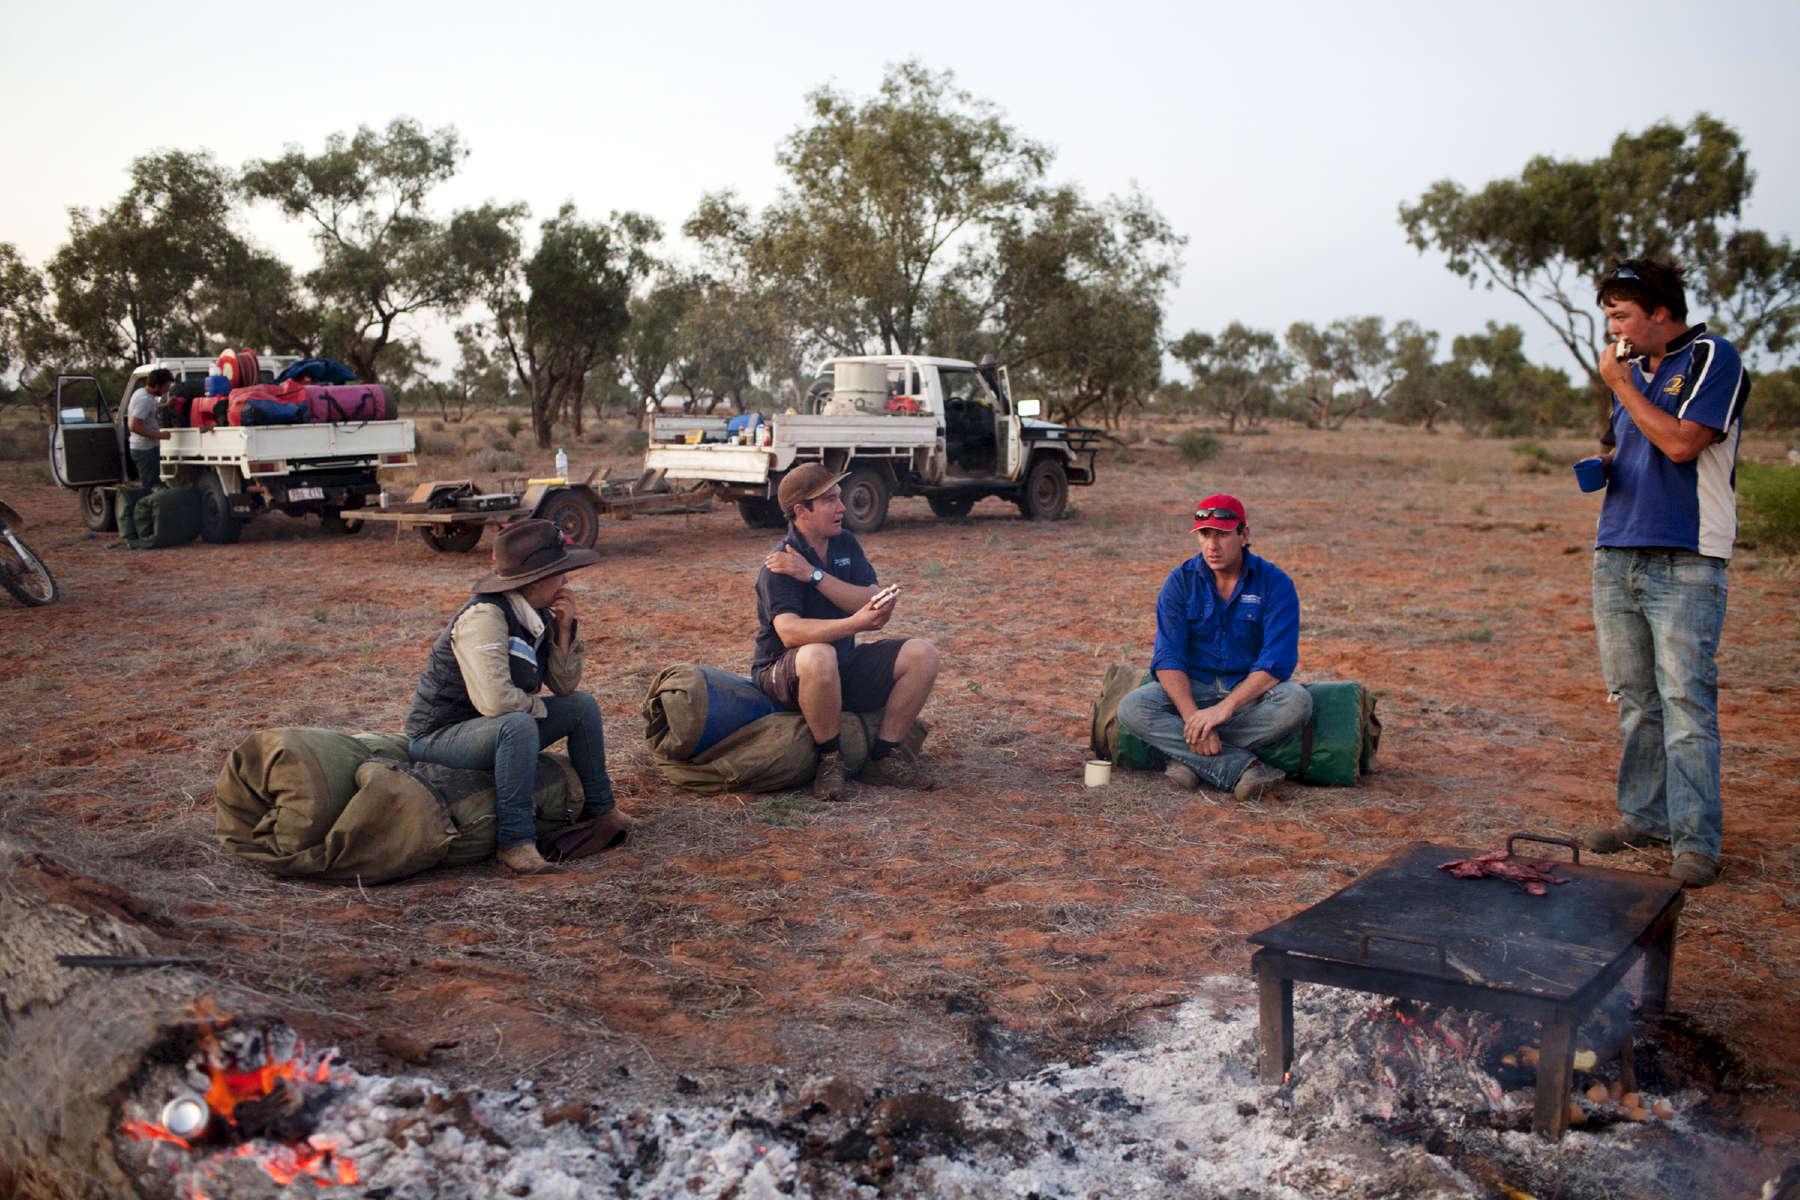 Pendant la période du mustering *qui peut durer jusqu'à trois semaines, l'équipe dort à la belle étoile. TN,  Australie, 2011. *Rassemblement du troupeau